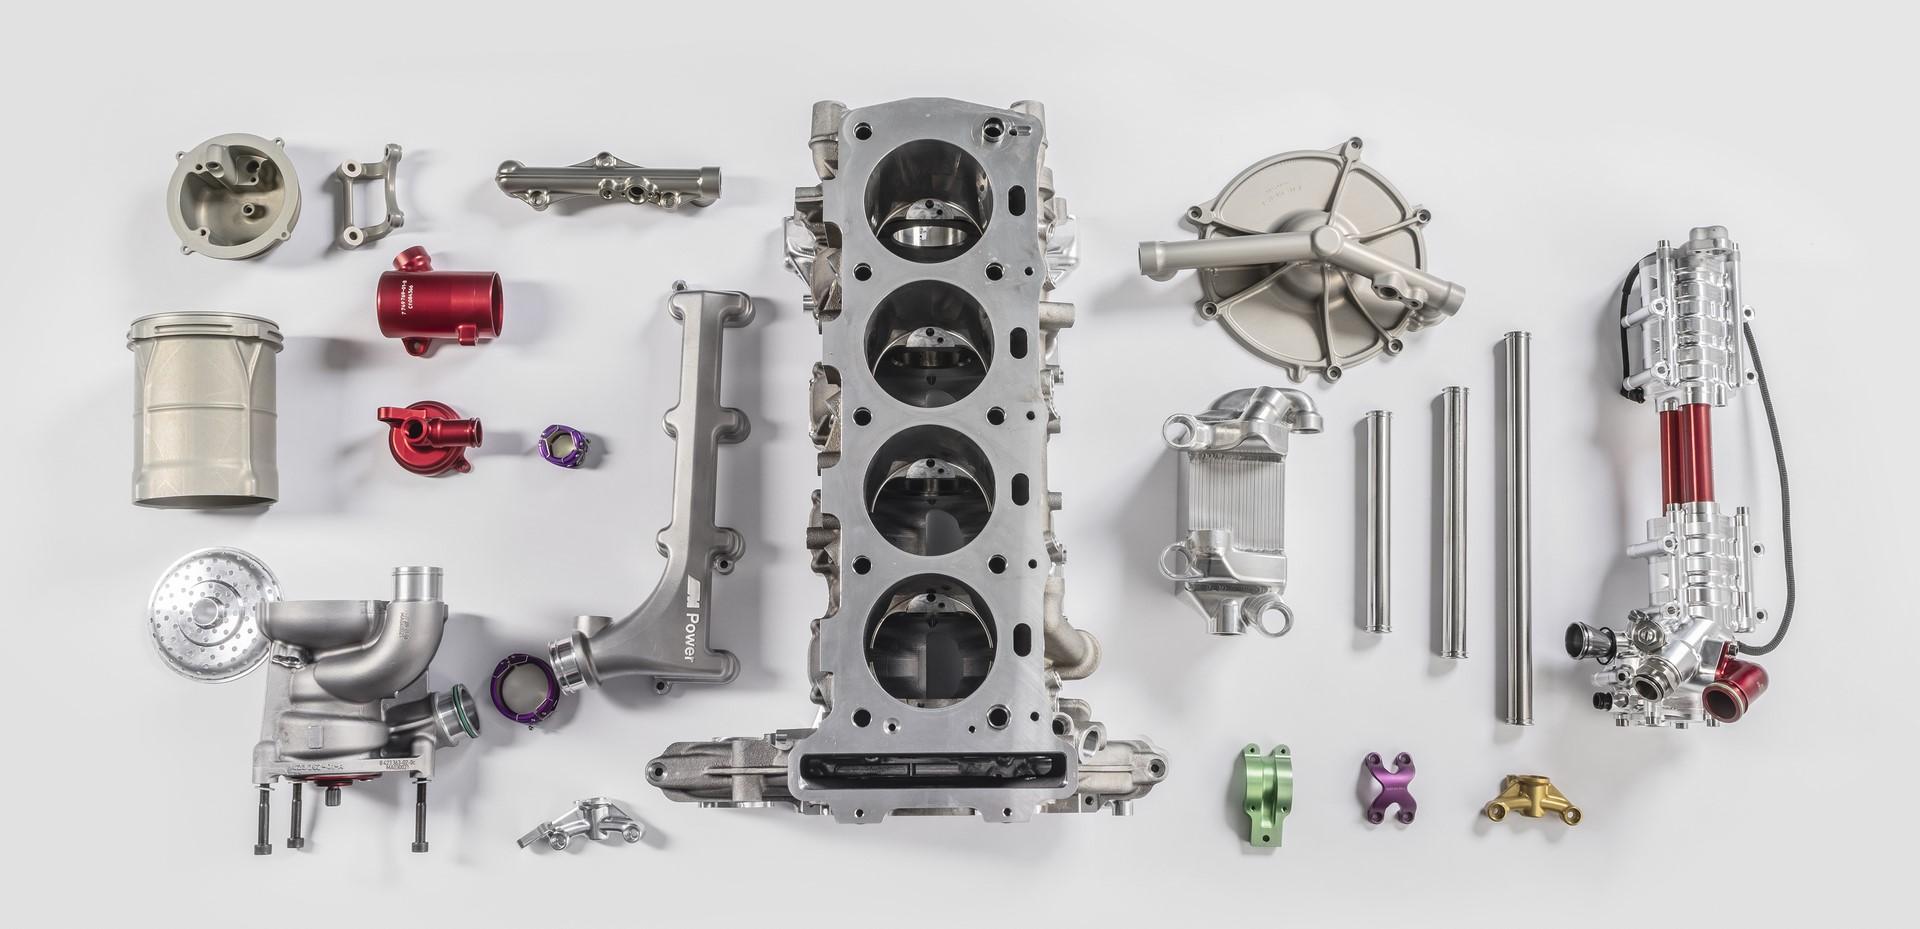 BMW M4 DTM Motor, Einzelteile, Muenchen 27.03.2019 ©Martin Hangen/hangenfoto